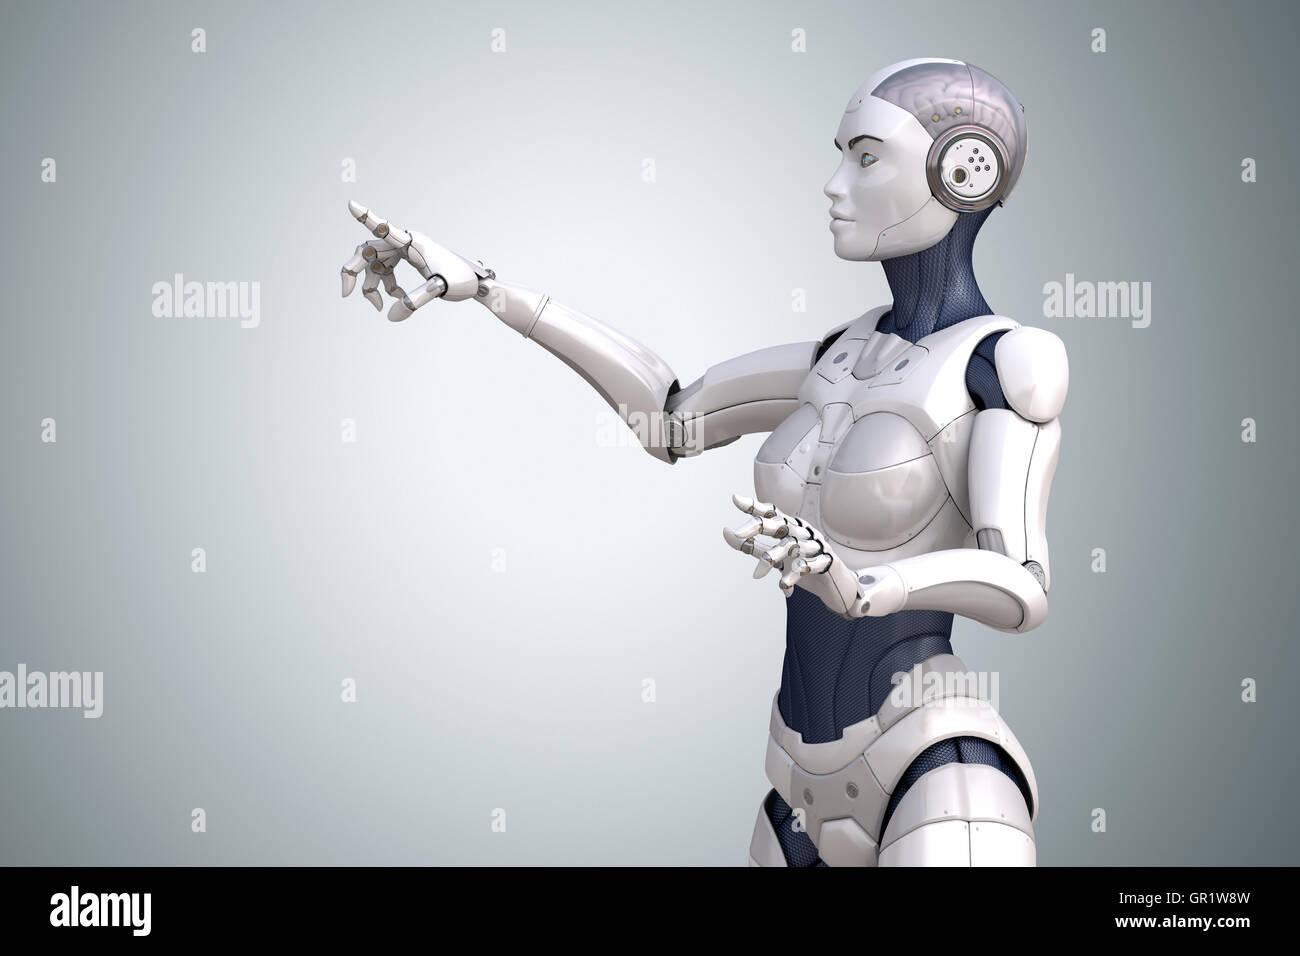 Roboter seine Finger nach oben zeigt. Clipping-Pfad enthalten Stockbild